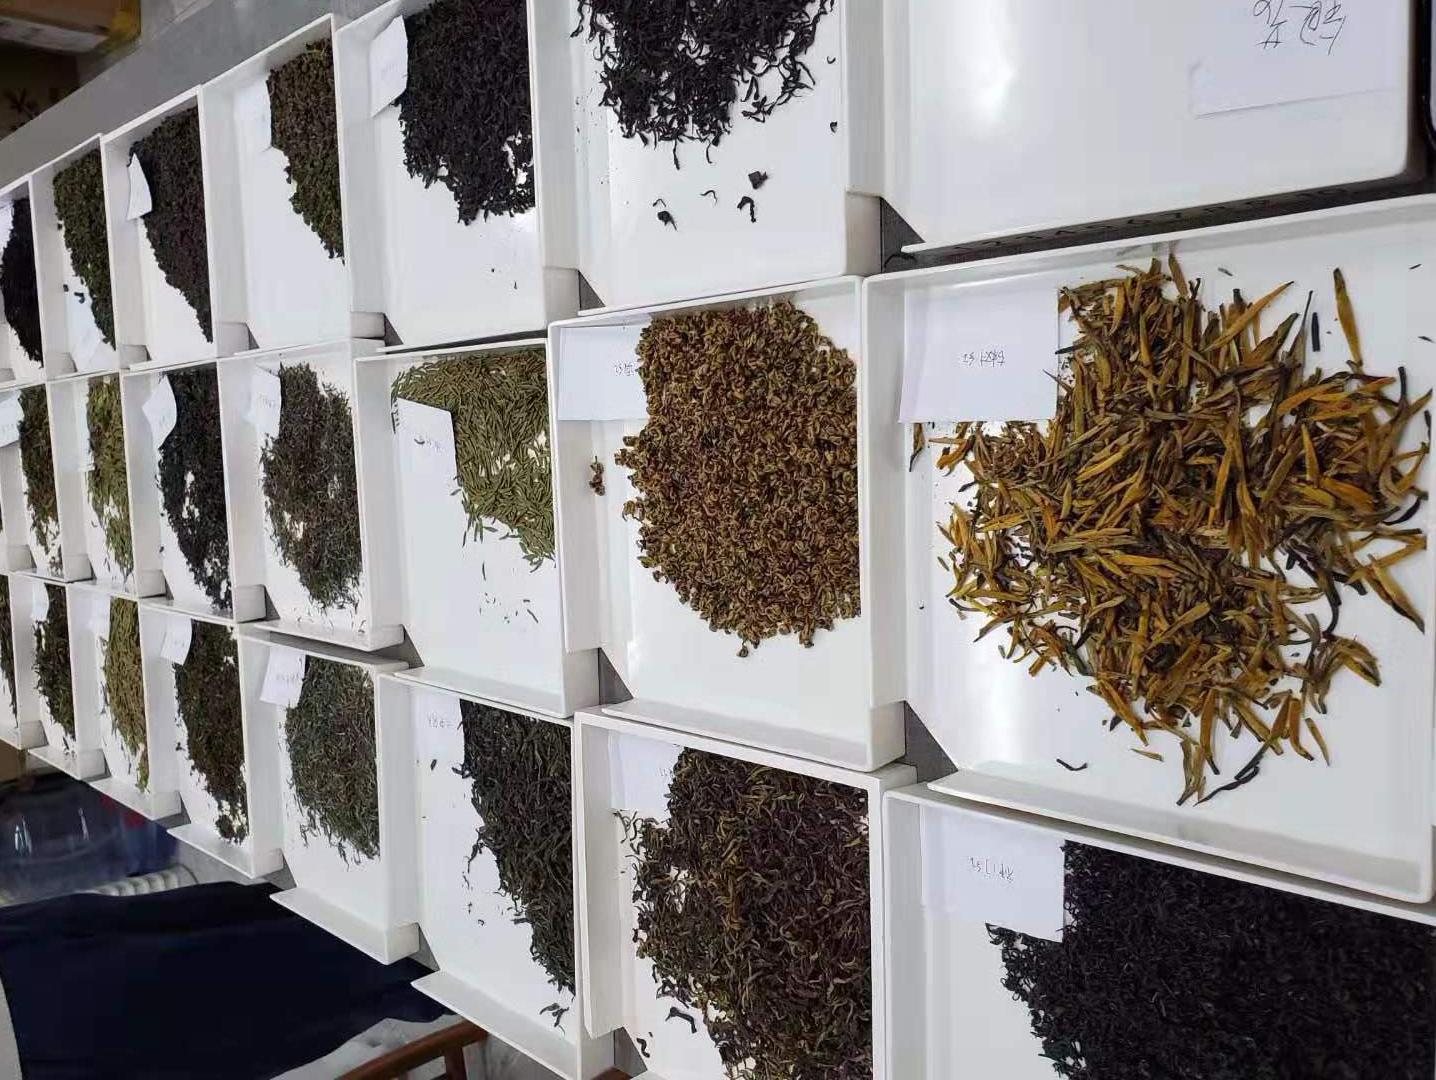 茶叶感官审评室专用评茶盘,审评茶样